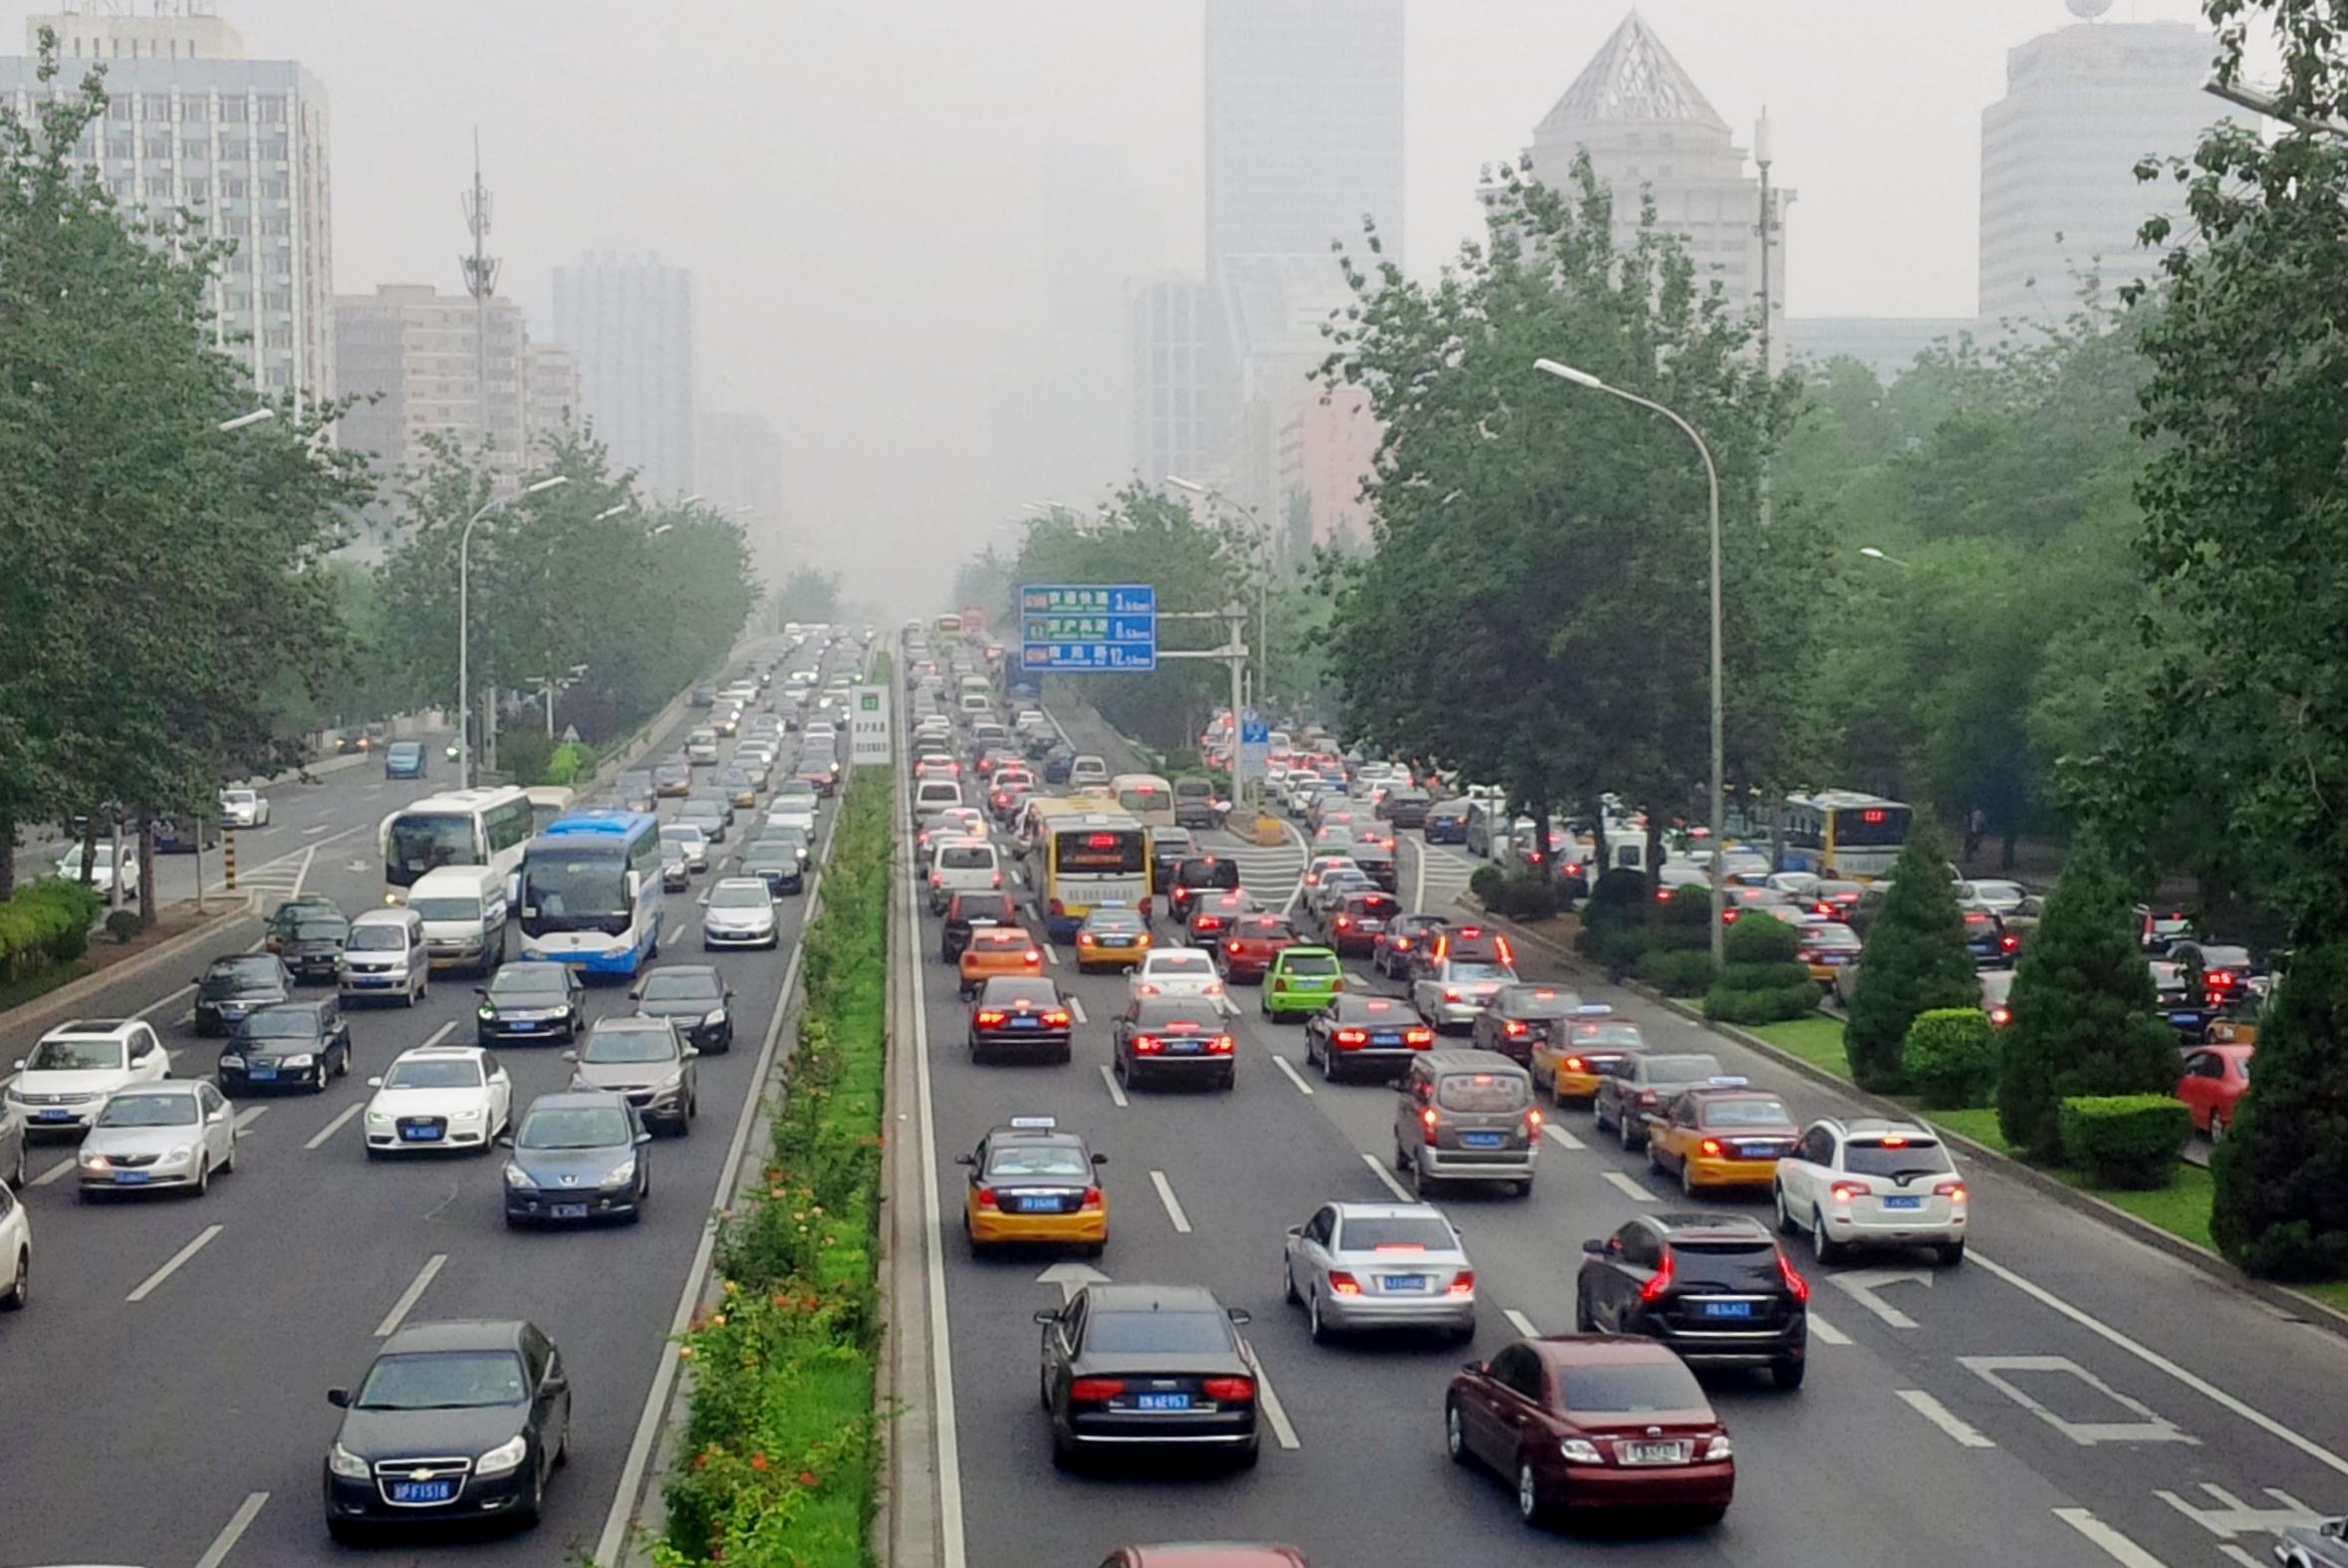 Autoverkehr in China: Fahren macht im Stau keine Freude. Foto: fmk